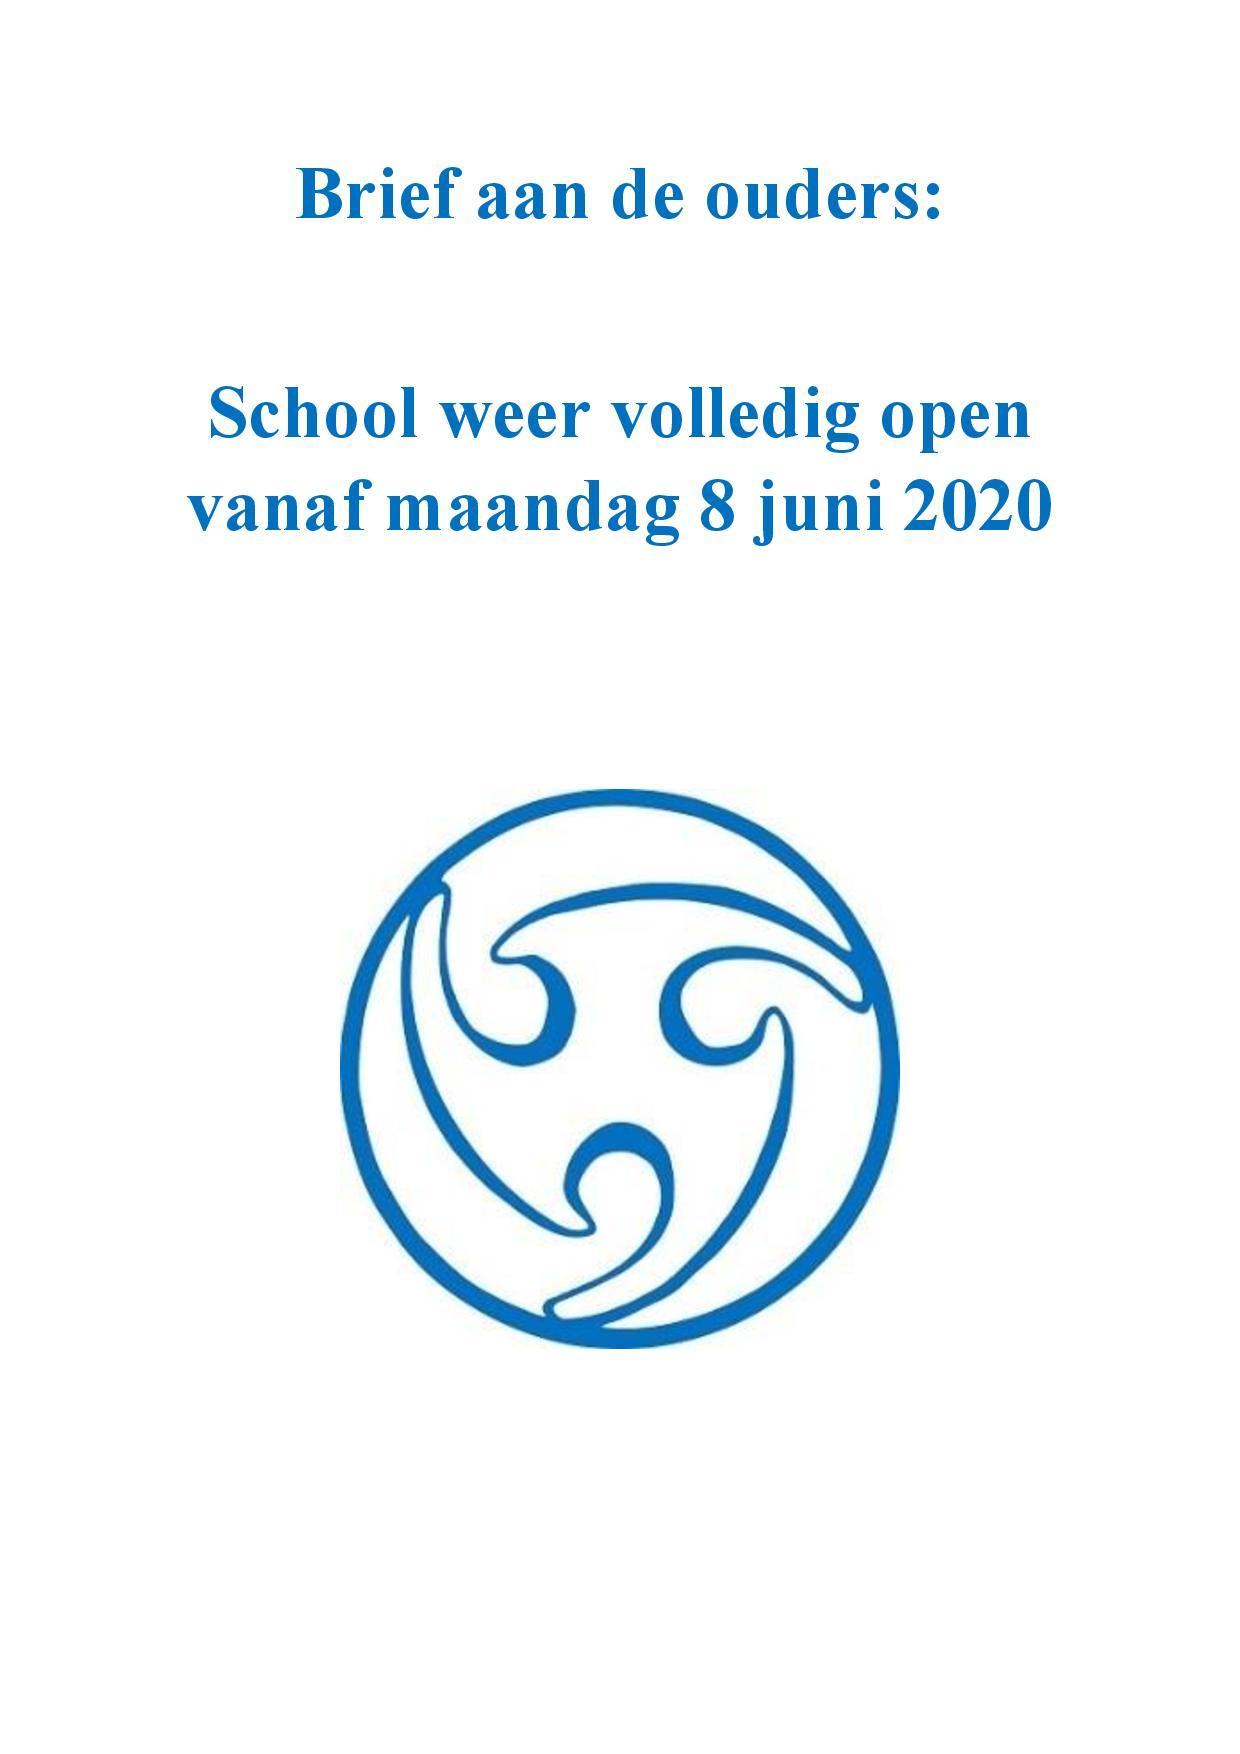 Brief Aan Ouders – School Weer Volledig Open Vanaf Maandag 8 Juni 2020